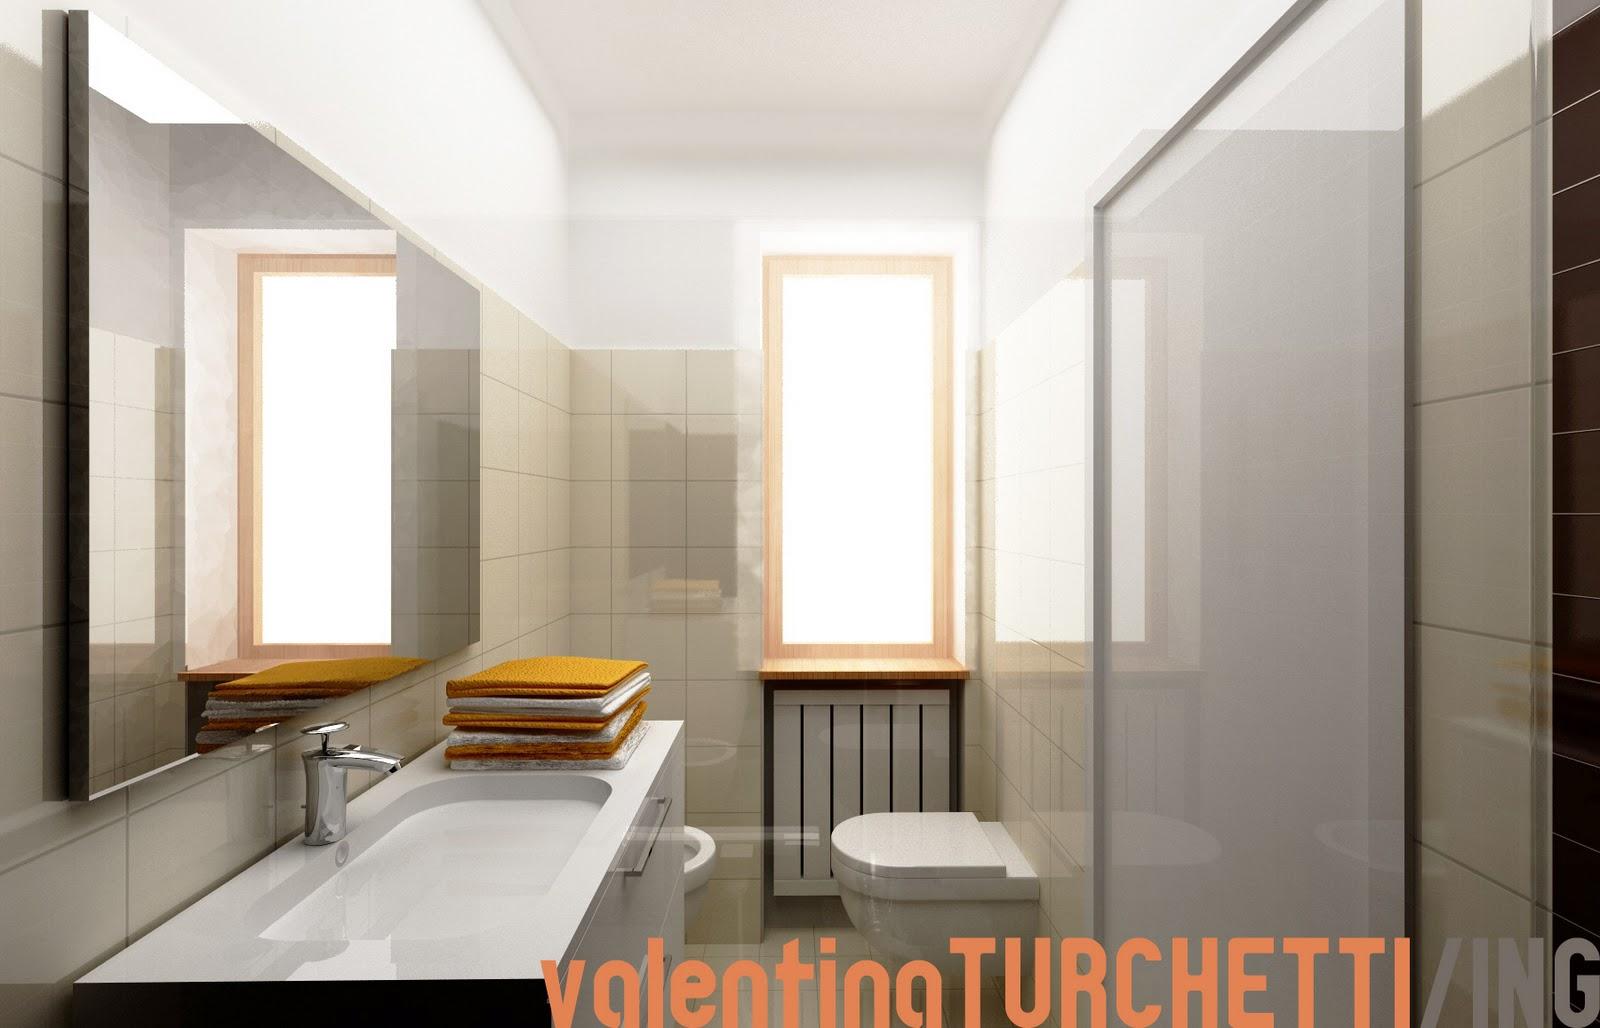 Lampade Bagno Ikea: Specchio bagno led - tutte le offerte ...